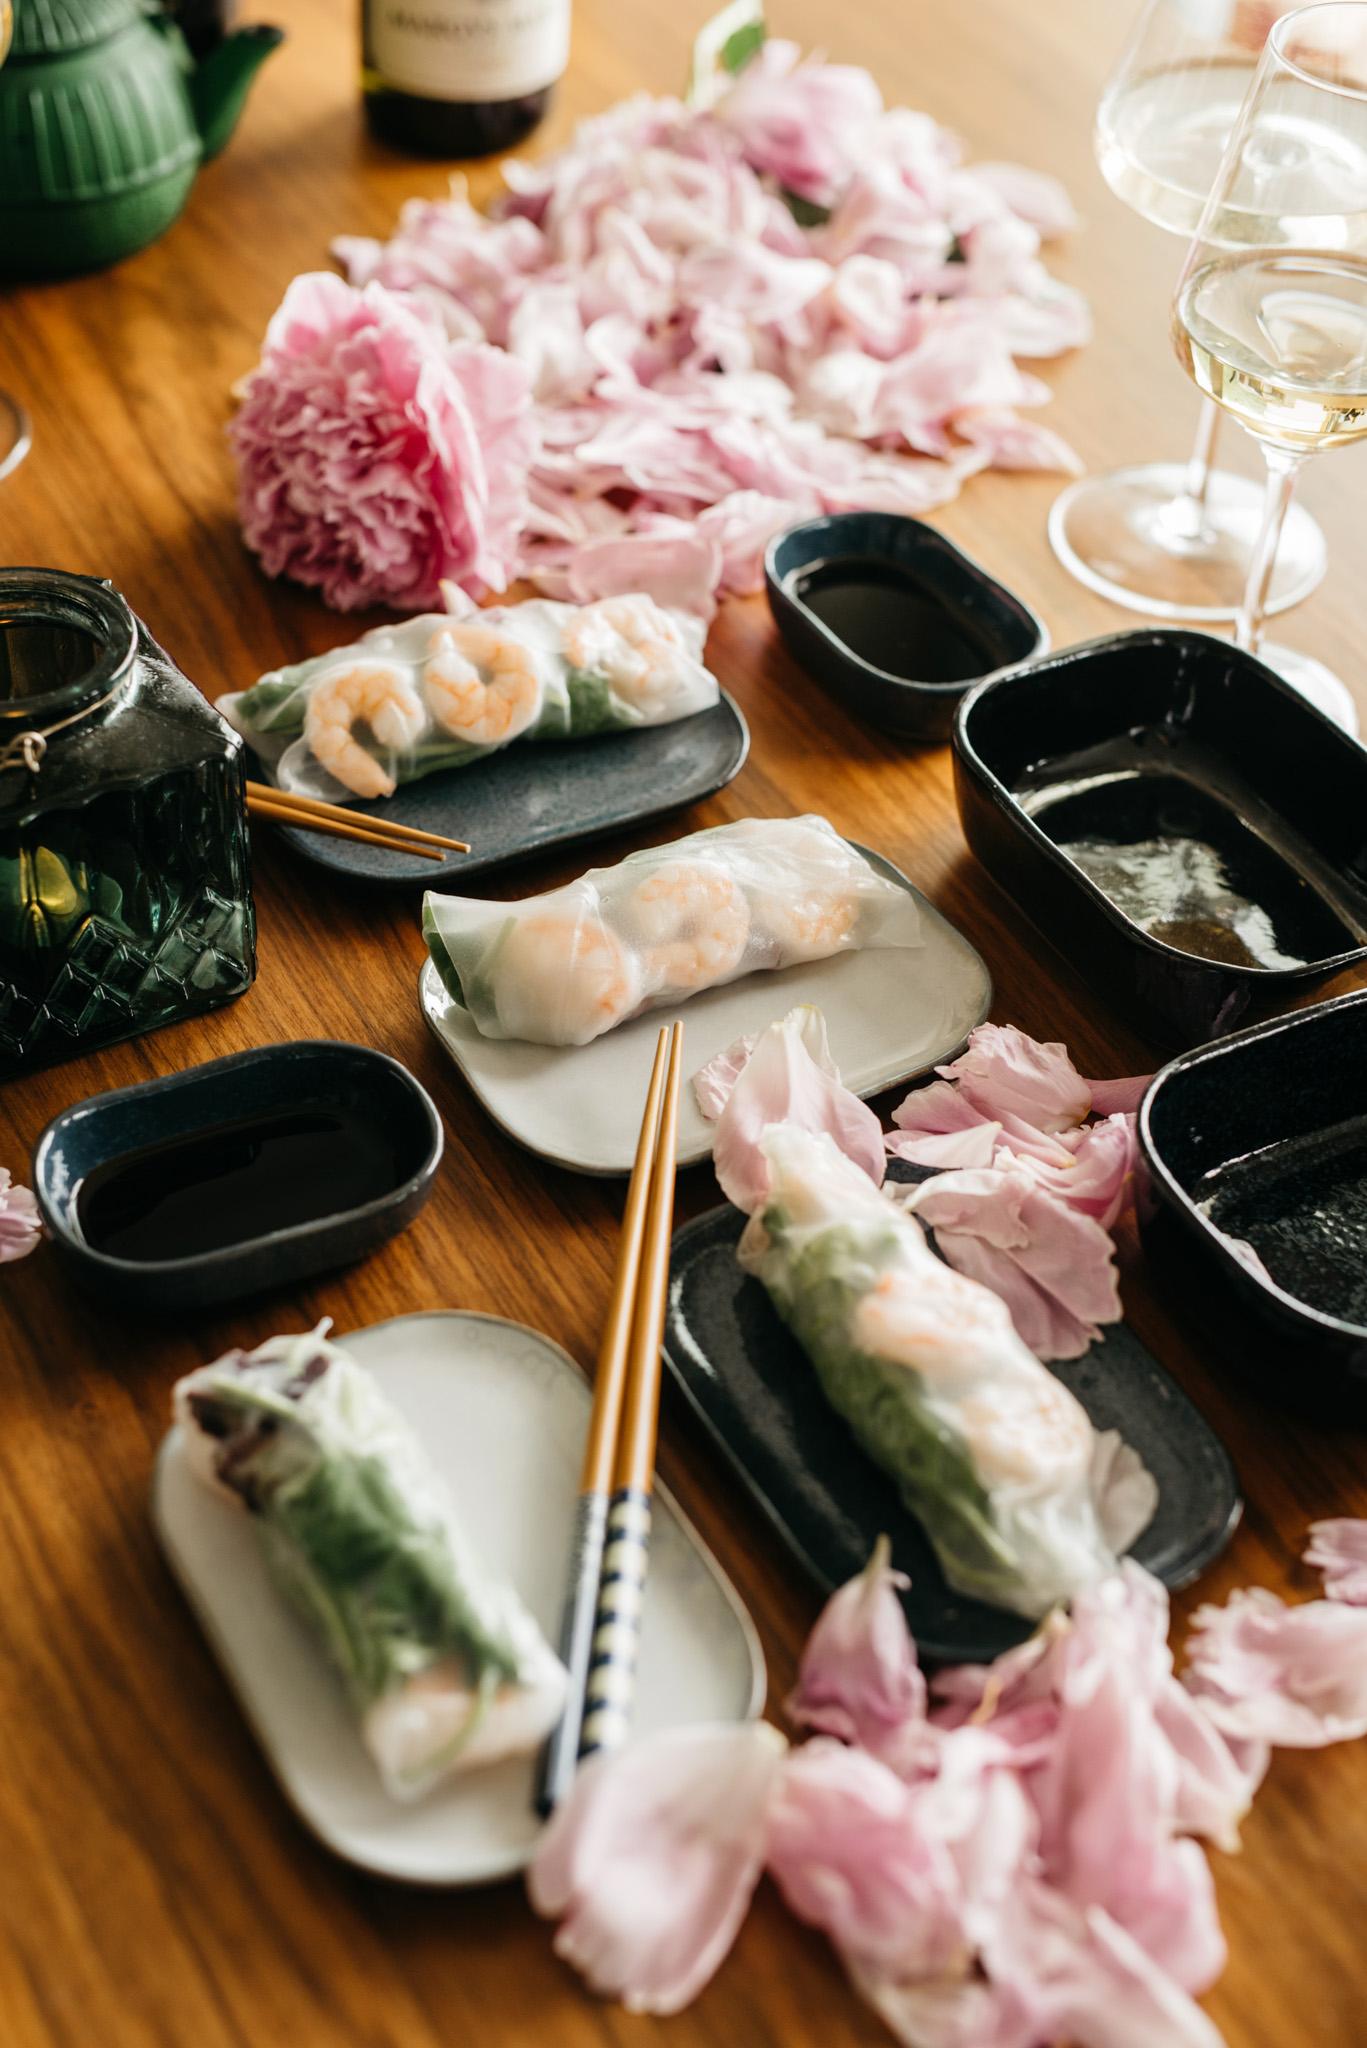 azijska-kuhinja-recept-zdrava-hrana-dva-srca-kuhača